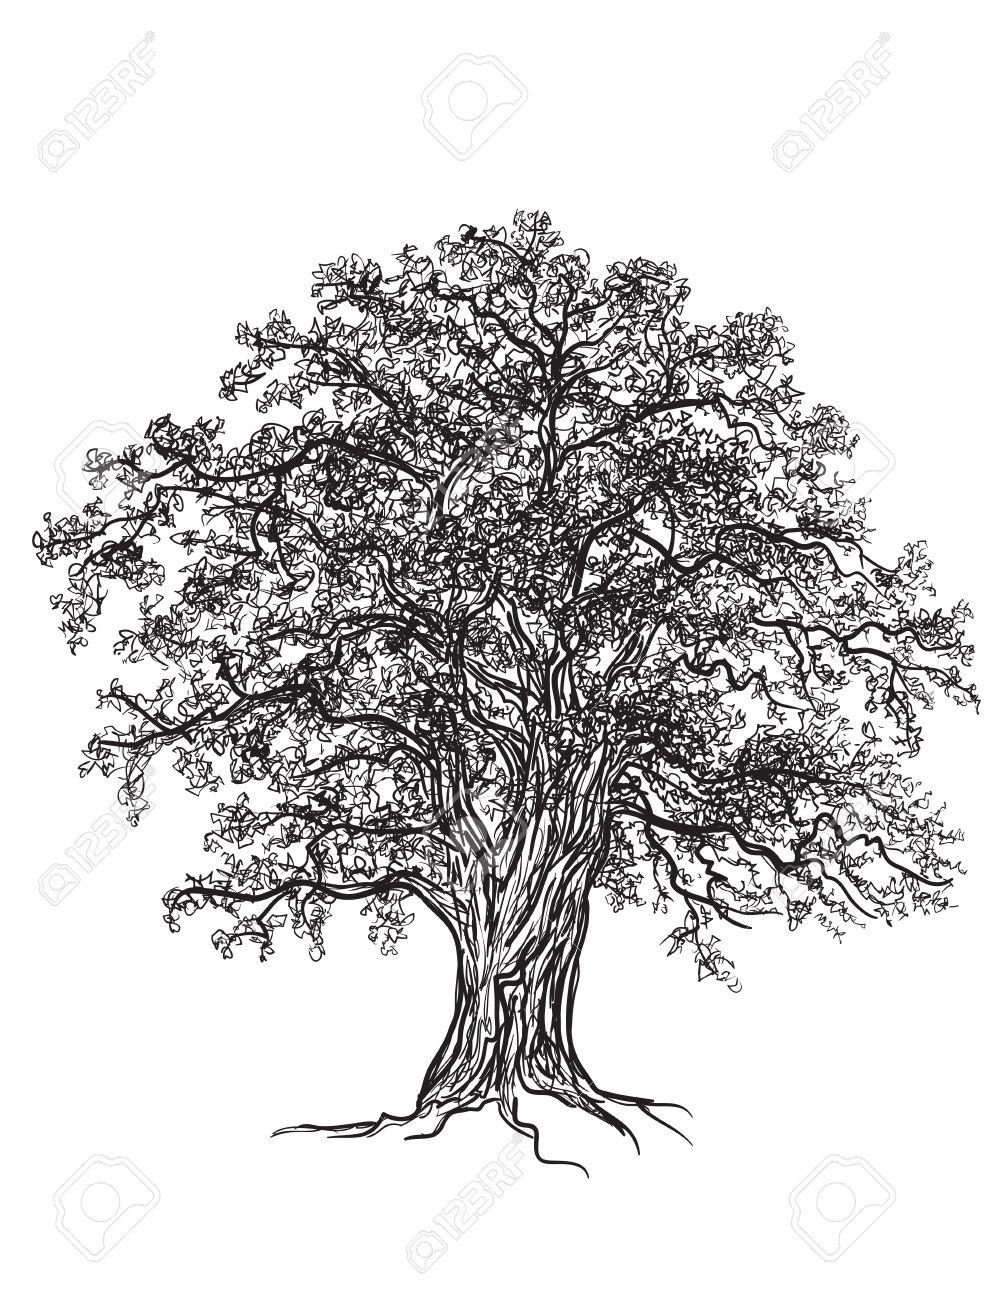 Schwarz Weiß Eiche Mit Blättern Mit Illustrator Gezeichnet